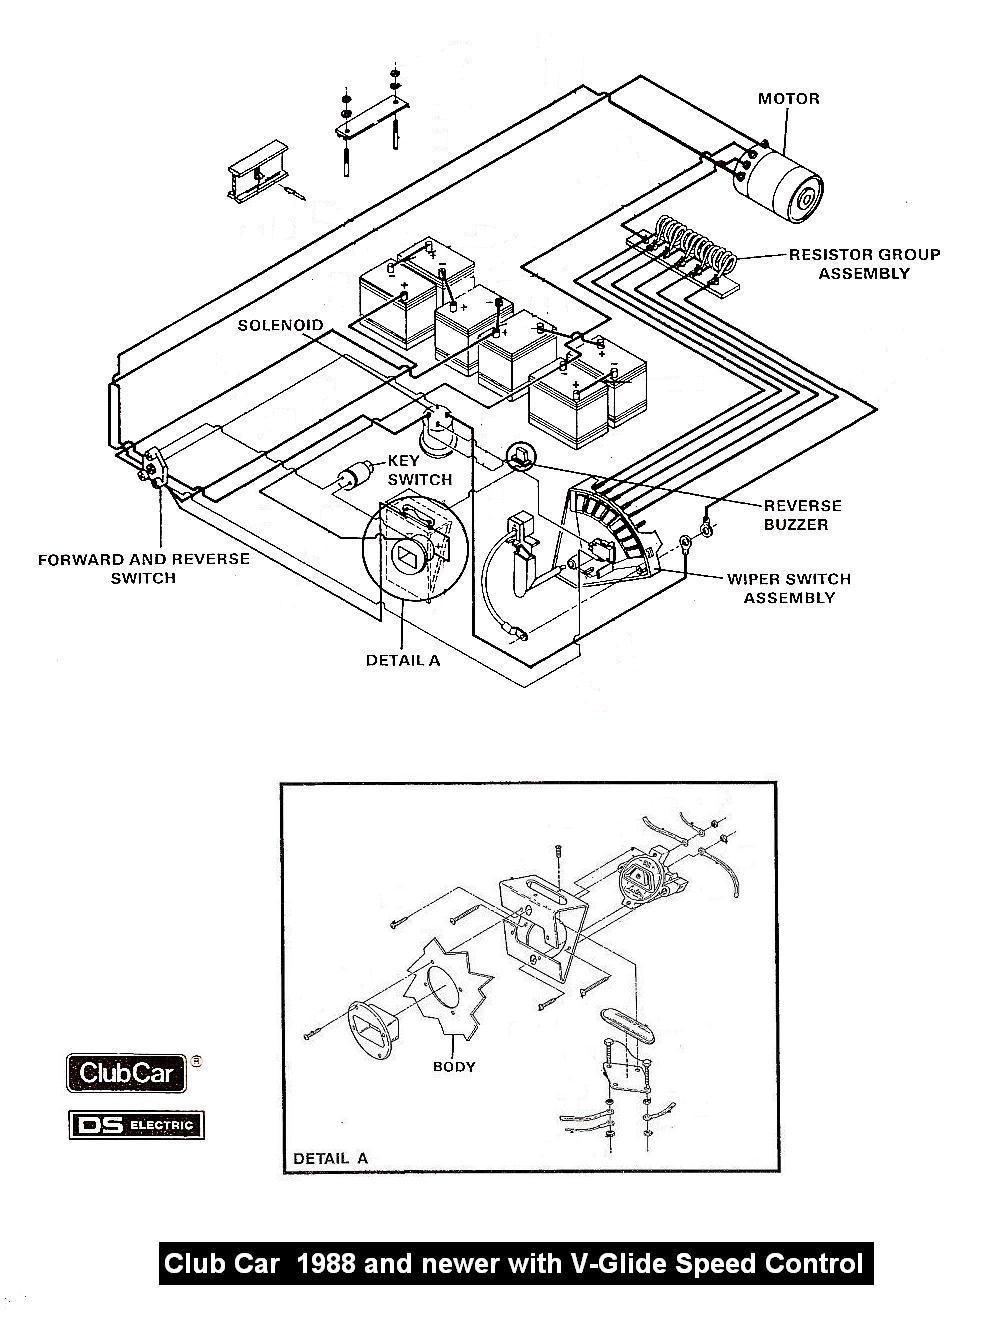 club car wiring diagram 48 volt awesome wiring diagram image club car key switch diagram club car v glide wiring diagram 93 club car wiring diagram free lovely 95 club car 48v